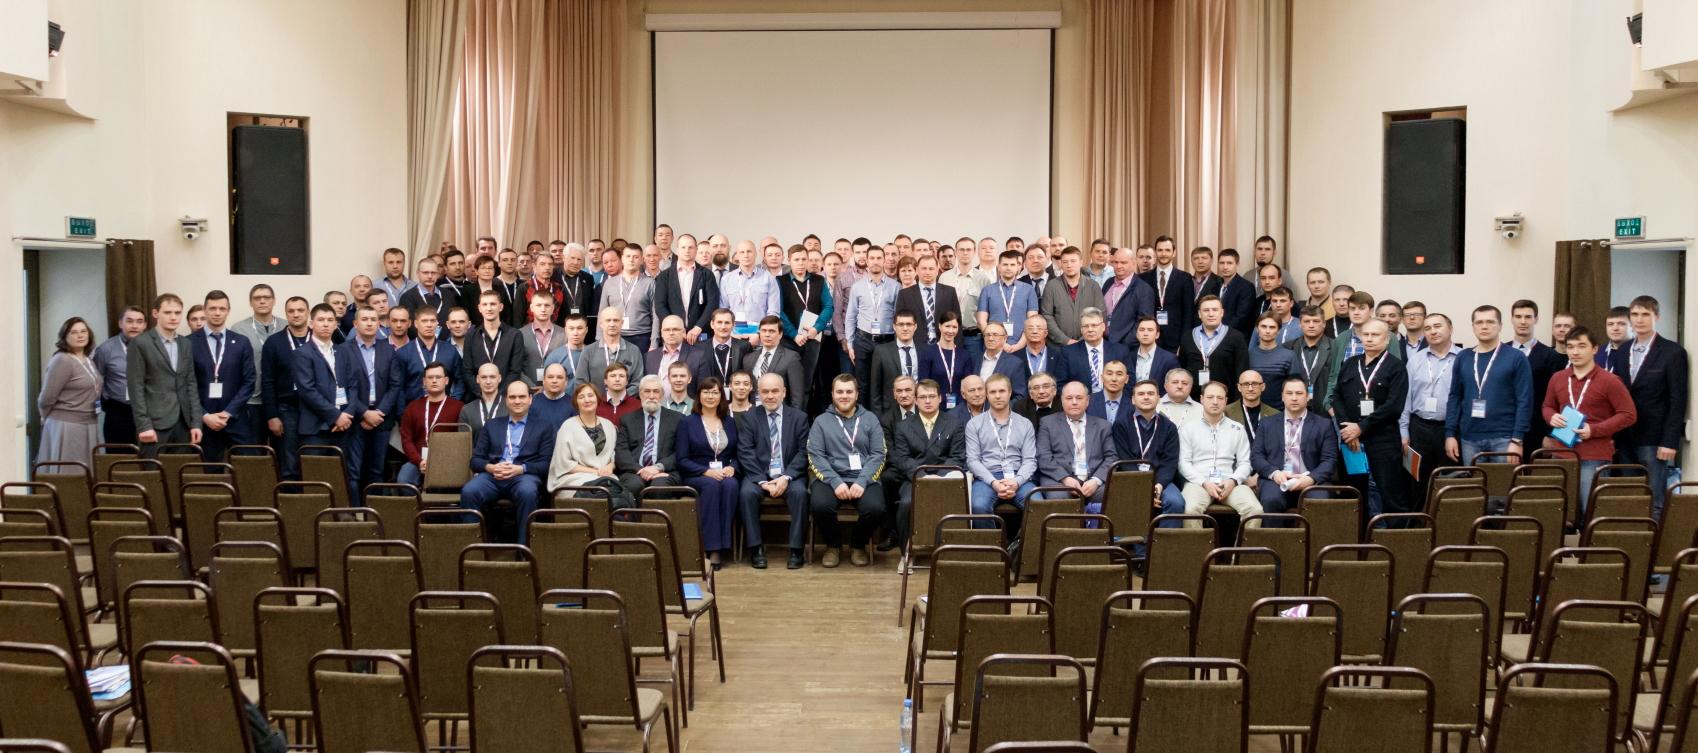 Конференция «Методы и средства контроля изоляции высоковольтного оборудования. Диагностика и мониторинг высоковольтного оборудования. Современные технические и программные решения»